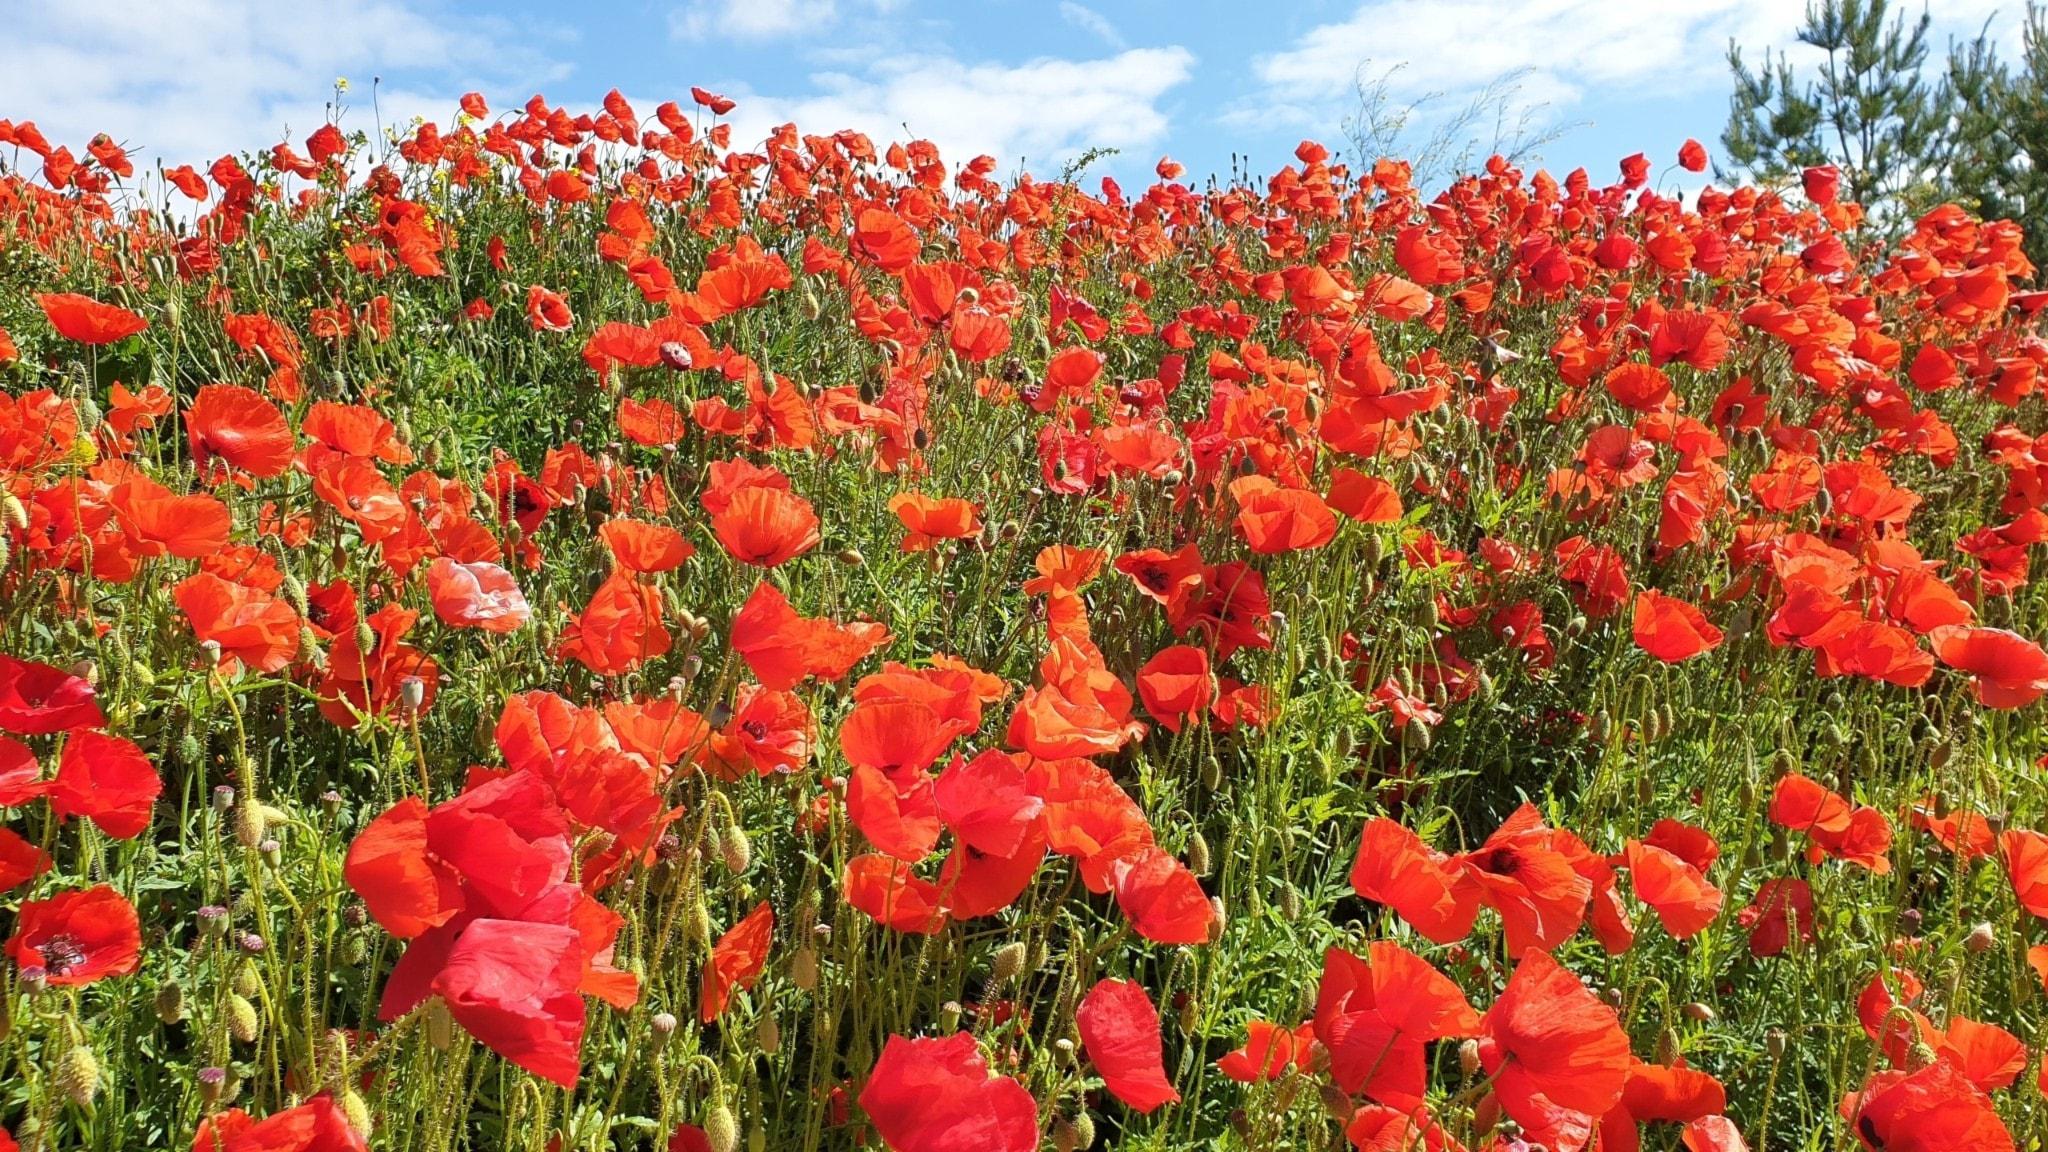 Blommande klang i färg